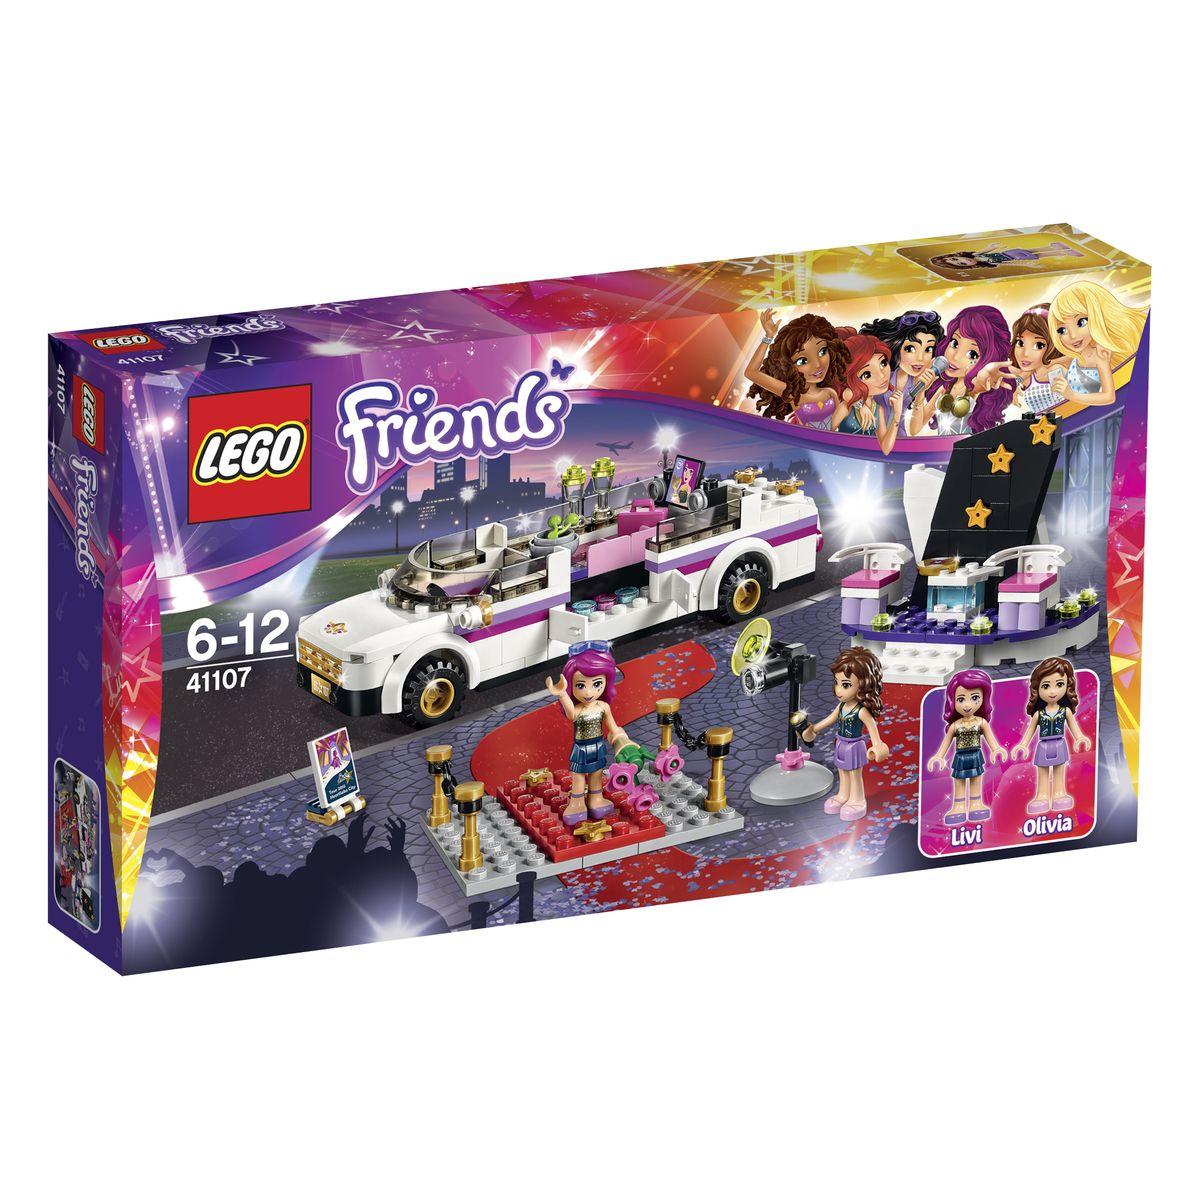 LEGO Friends Конструктор Поп звезда Лимузин 4110741107Роскошный лимузин из набора Лего 41107 создан специально для поездок известной поп-звезды Ливи. Его вытянутый корпус выполнен в белом цвете с добавлением контрастных полос и золотых элементов. Лимузин не имеет крыши, что позволяет детально рассмотреть его интерьер. Спереди располагается кабина водителя, окруженная тонированным ветровым стеклом. За ней виден просторный салон, в котором есть все необходимое для комфортных путешествий: удобный розовый диван, мини-бар с прохладительными напитками и телевизор с плоским экраном и большими колонками. Для эффектного выхода из автомобиля для Ливи установили распашные дверцы, которые позволяют легко покинуть салон и не помять концертный наряд. Также из деталей набора вы сможете построить красную ковровую дорожку с оградой и телевизионную студию для интервью. В набор входят 2 фигурки: Ливи и Оливия, и множество аксессуаров для реалистичной игры: профессиональная видеокамера, микрофон, CD-диск, 2 стакана с напитками, тарелка с...